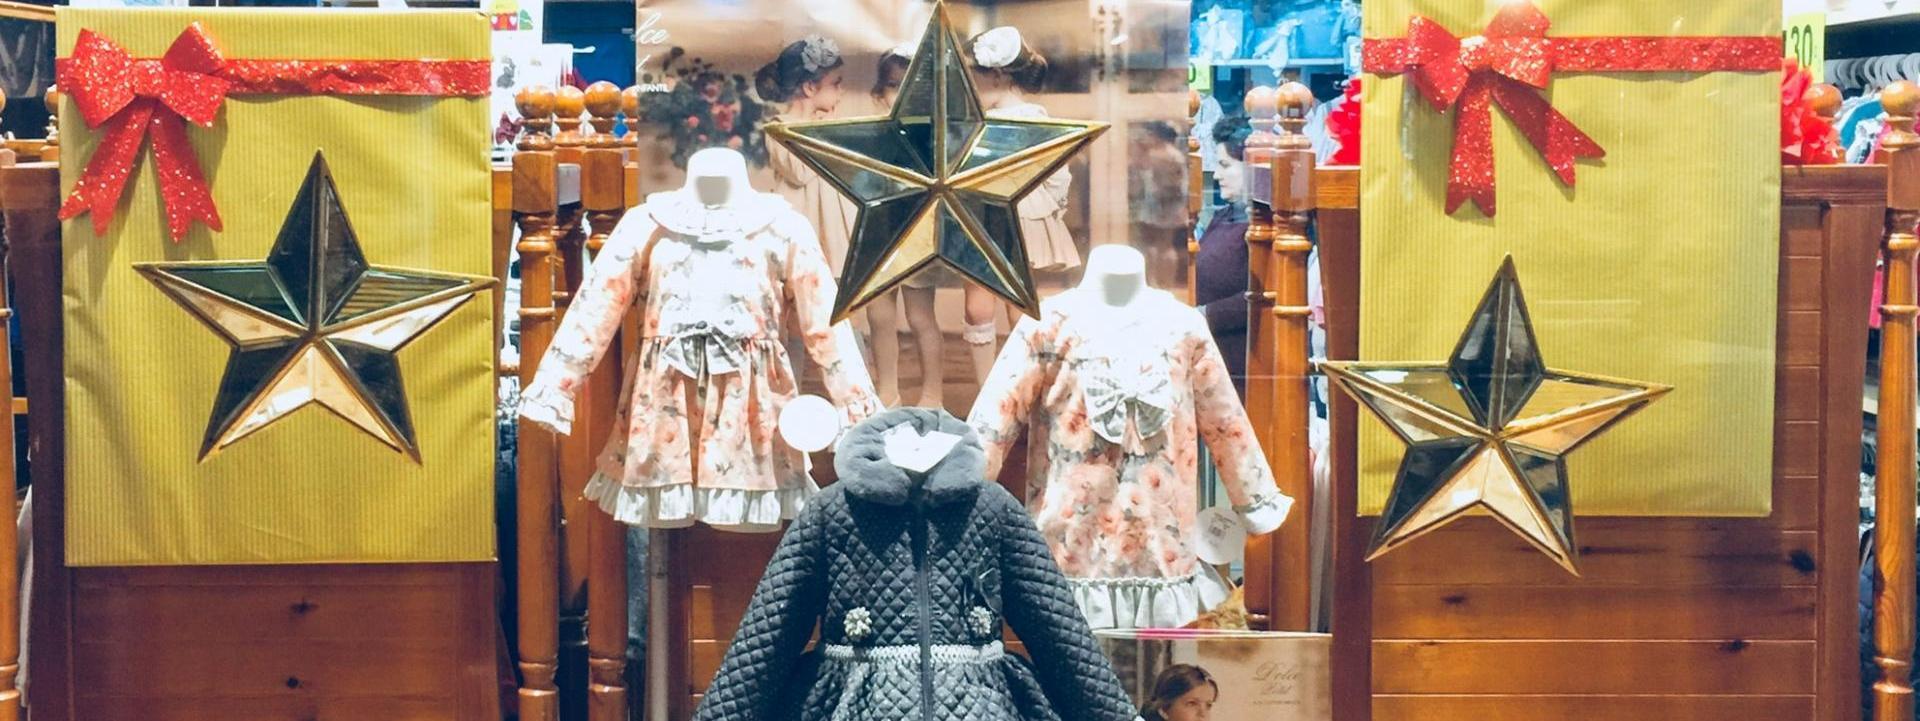 Llega la Navidad a www.marinaonline.es